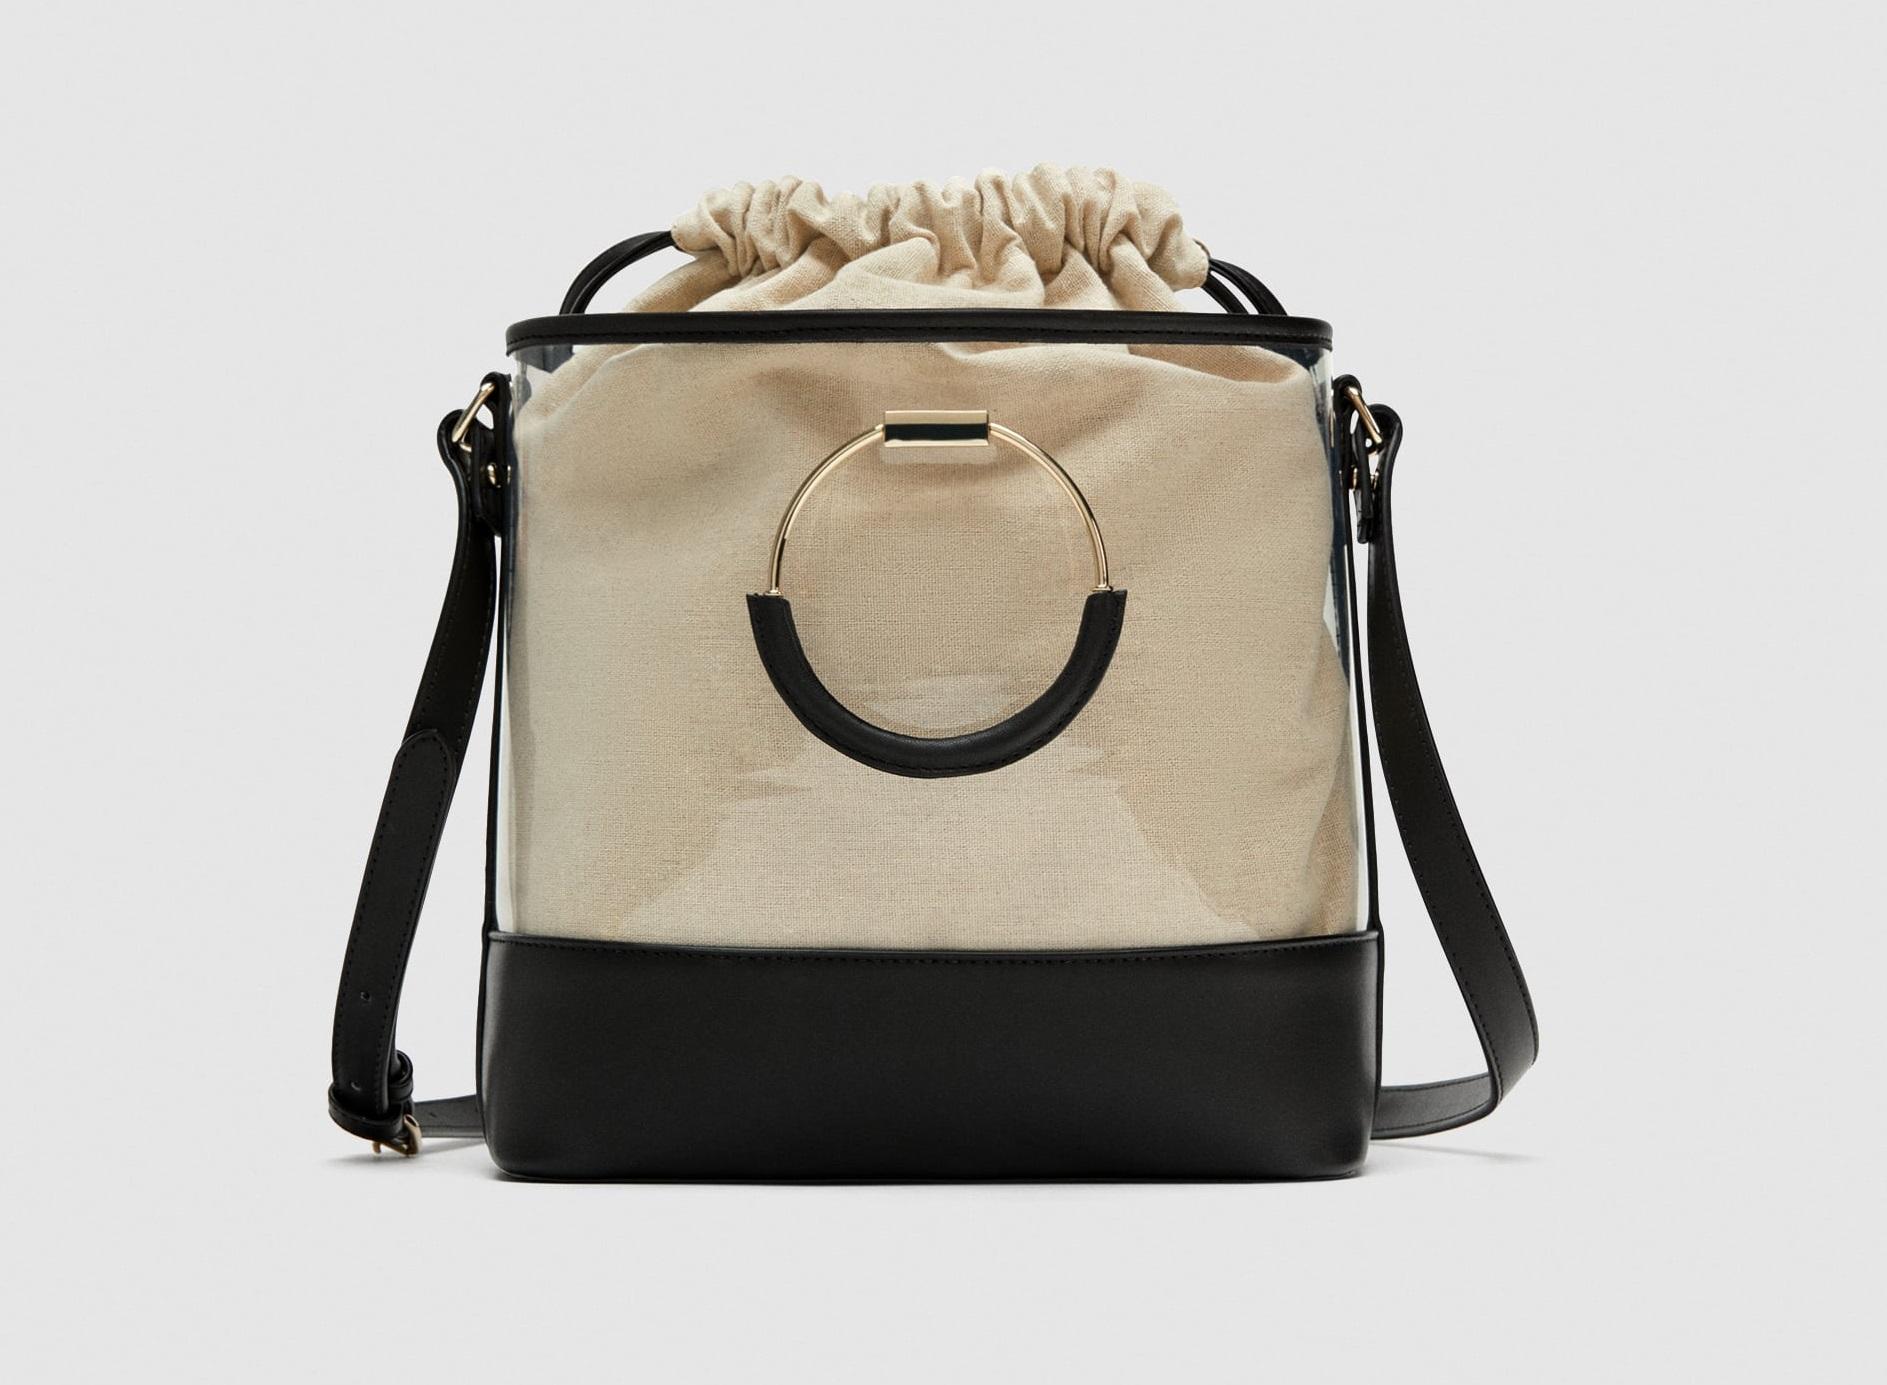 Borsa a secchiello in vinile Zara collezione primavera estate 2018